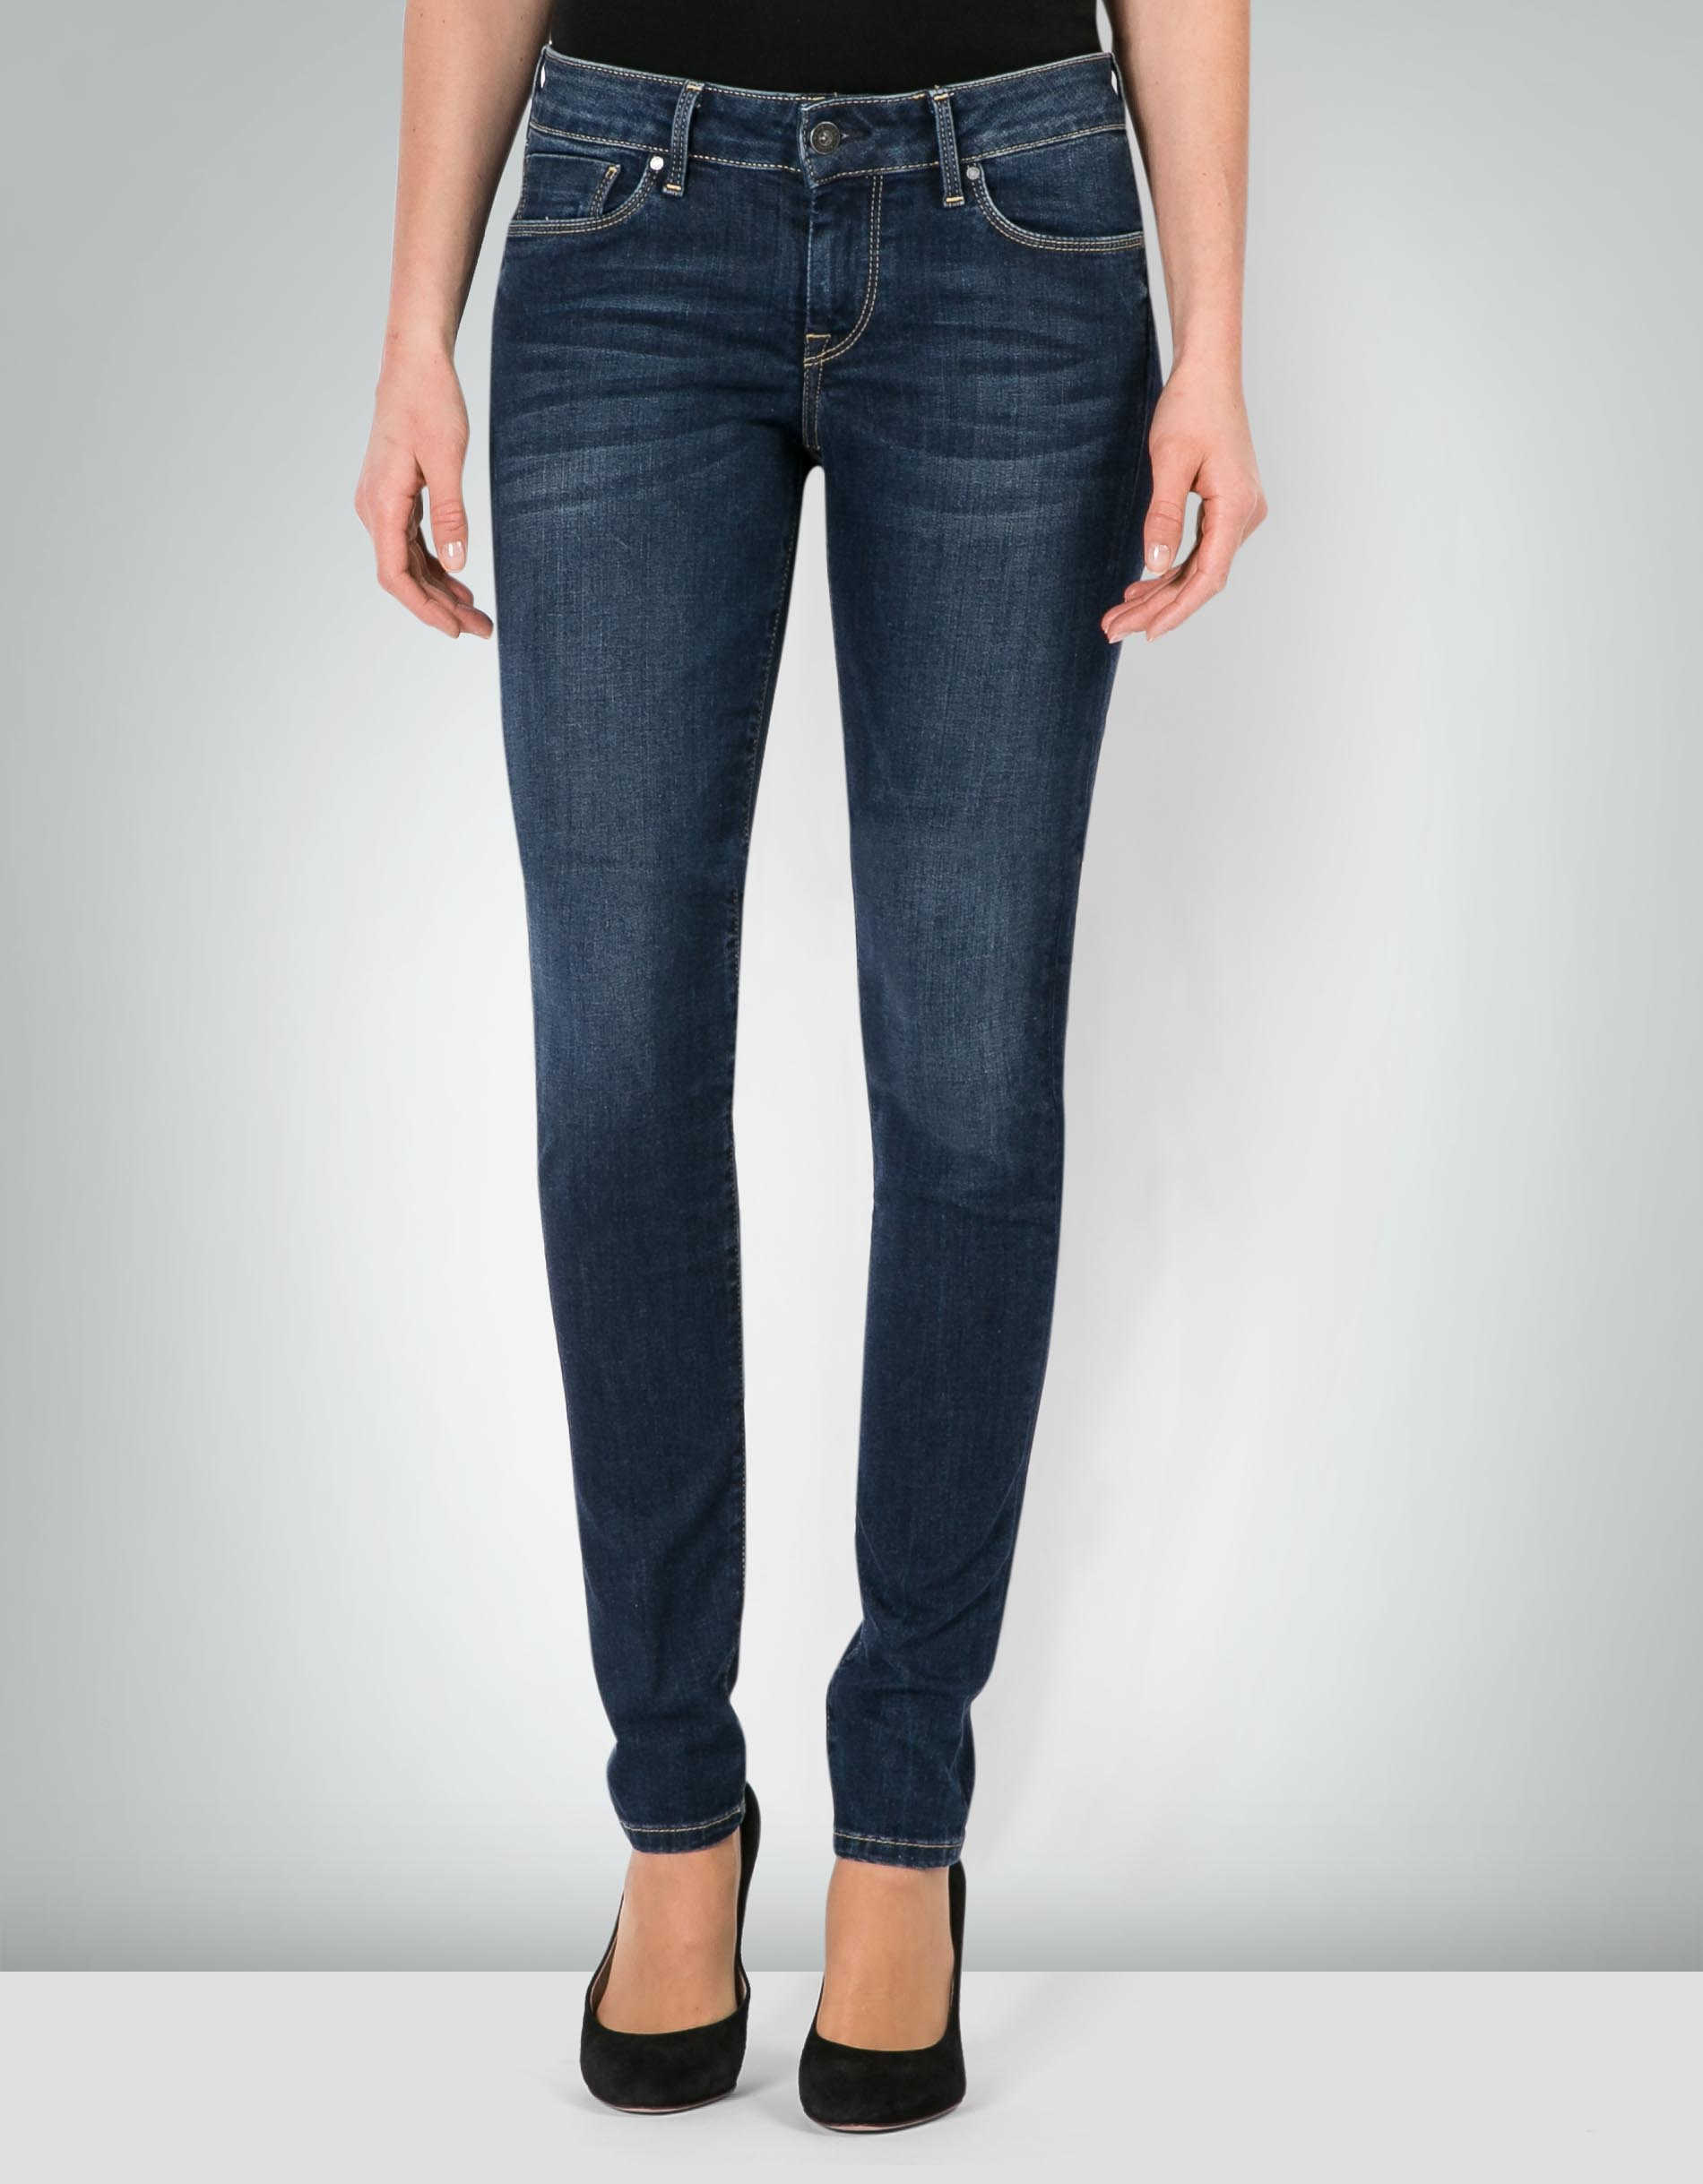 pepe jeans damen soho denim jeans im skinny fit empfohlen. Black Bedroom Furniture Sets. Home Design Ideas